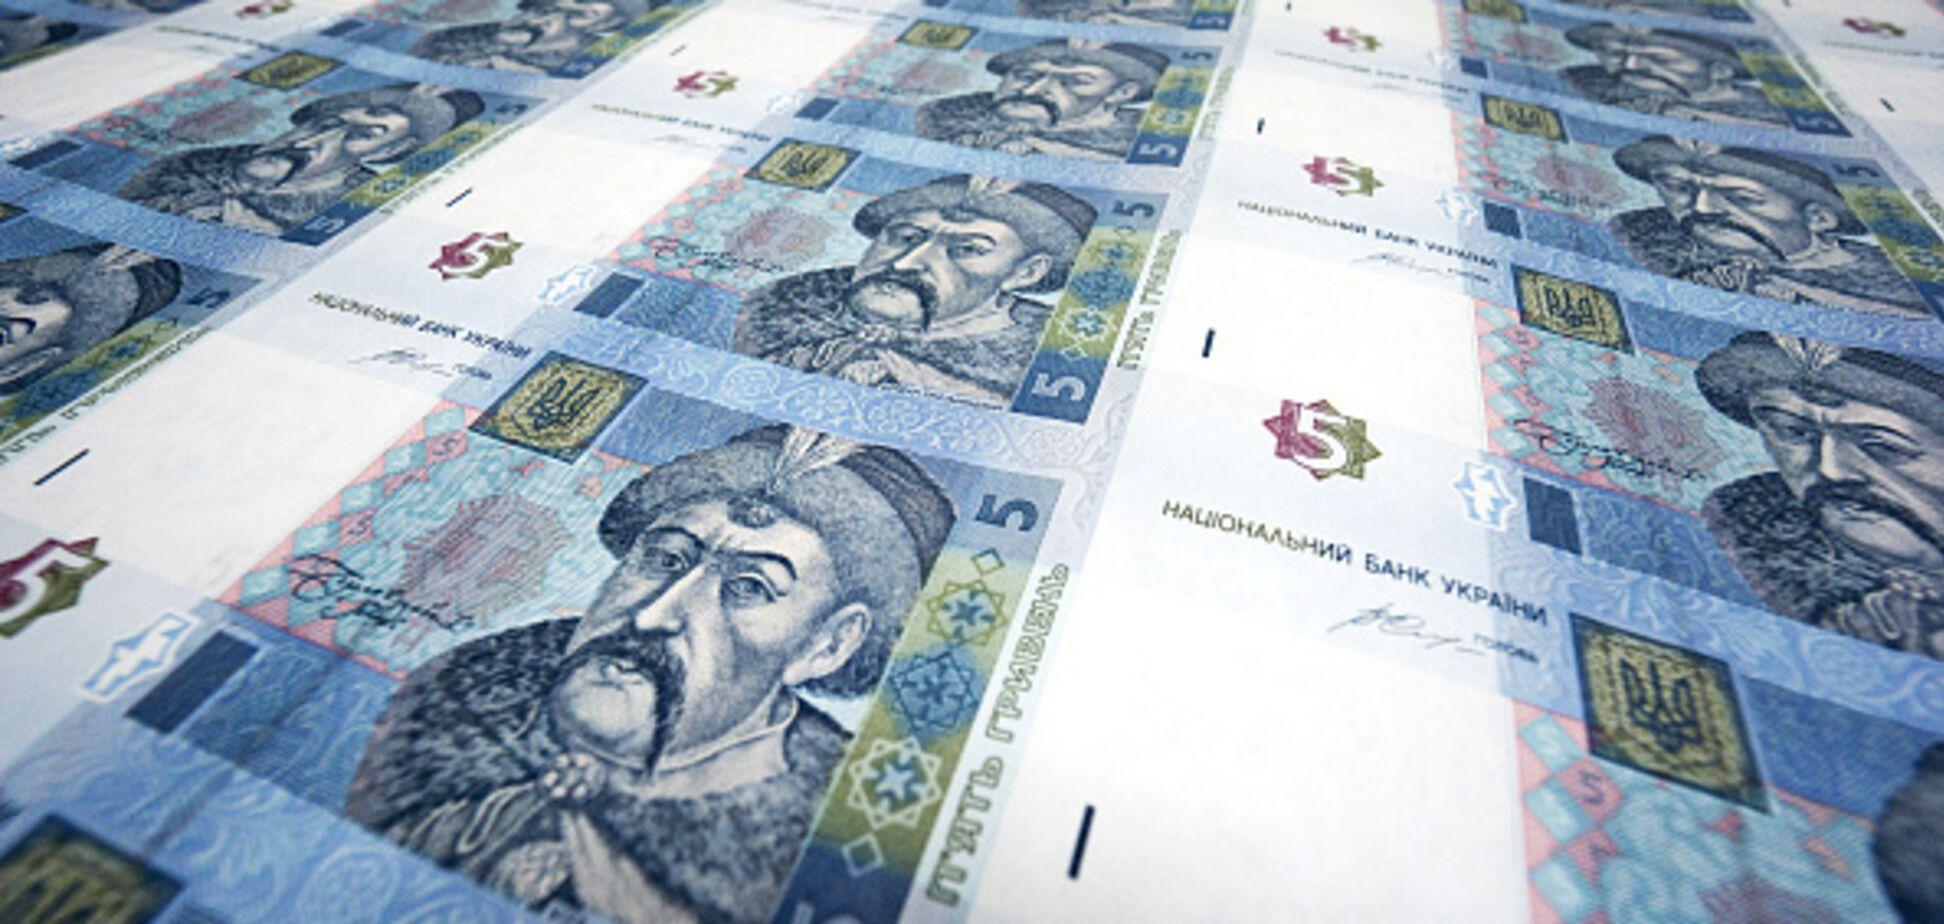 Пенсионный возраст в Украине можно будет выбрать самому: что известно